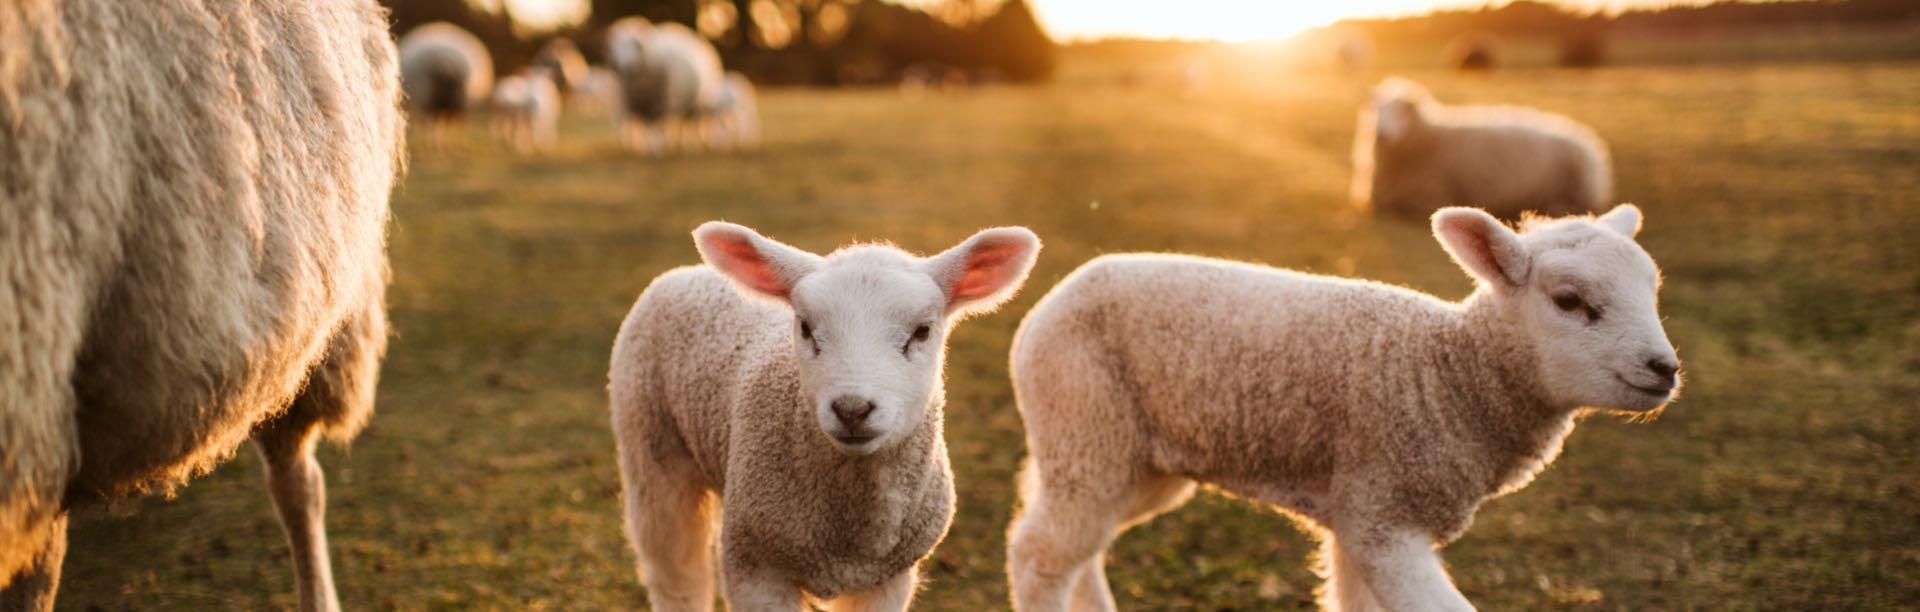 Futterkohle für Schafe